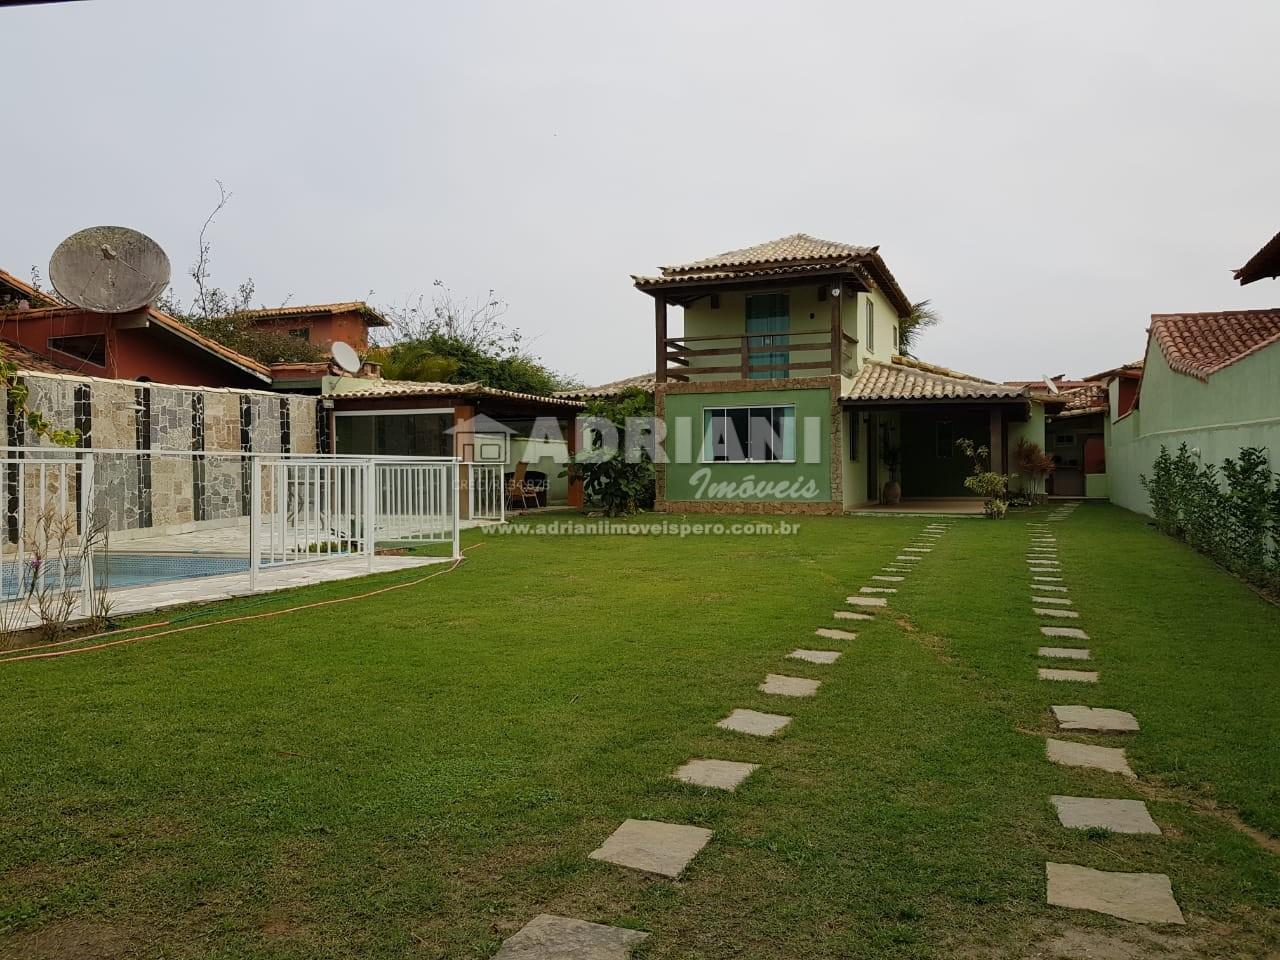 Cód 353 Casa independente, aluguel temporada, Manguinhos, Armação de Búzios – RJ